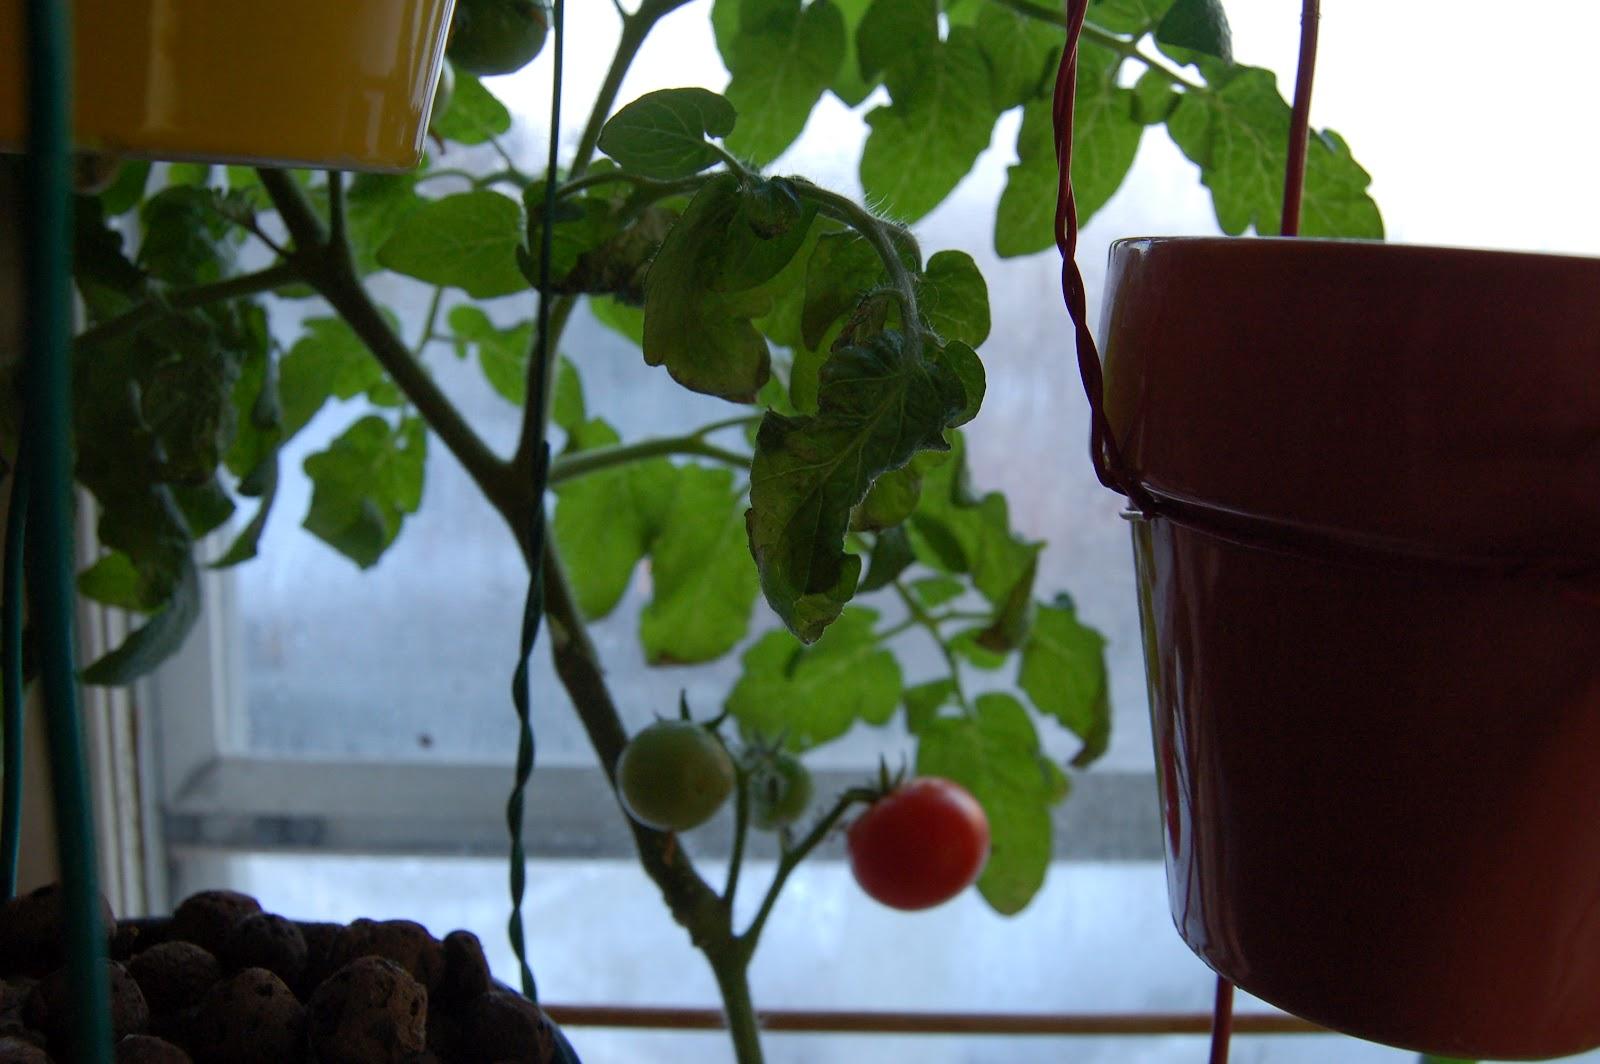 Un an après sa construction mon potager vertical comme je le surnomme affectueusement produit des légumes entièrement organiques que nous pouvons manger